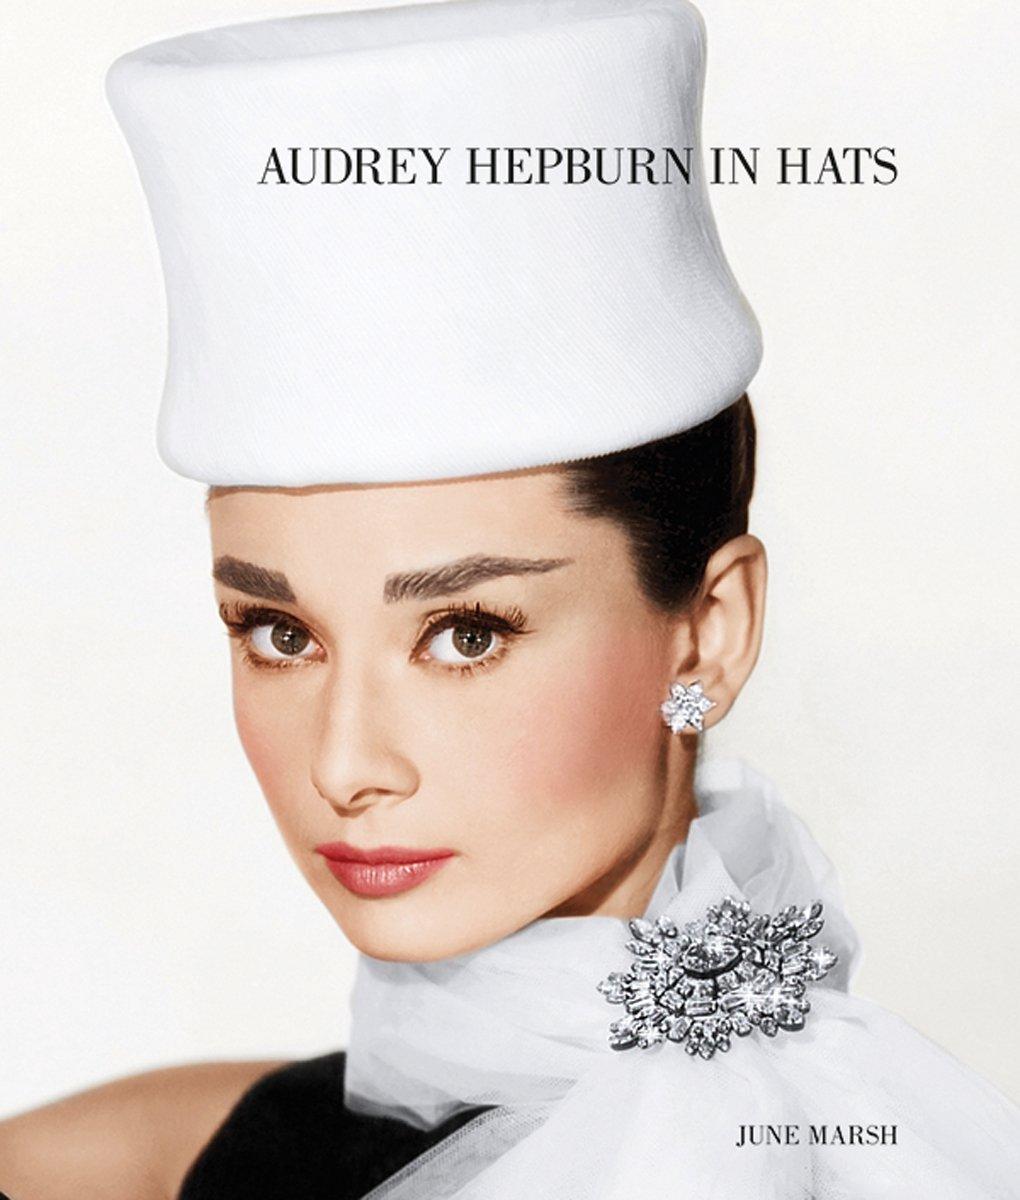 audrey hepburn in hats june marsh tony nourmand 9781909526006